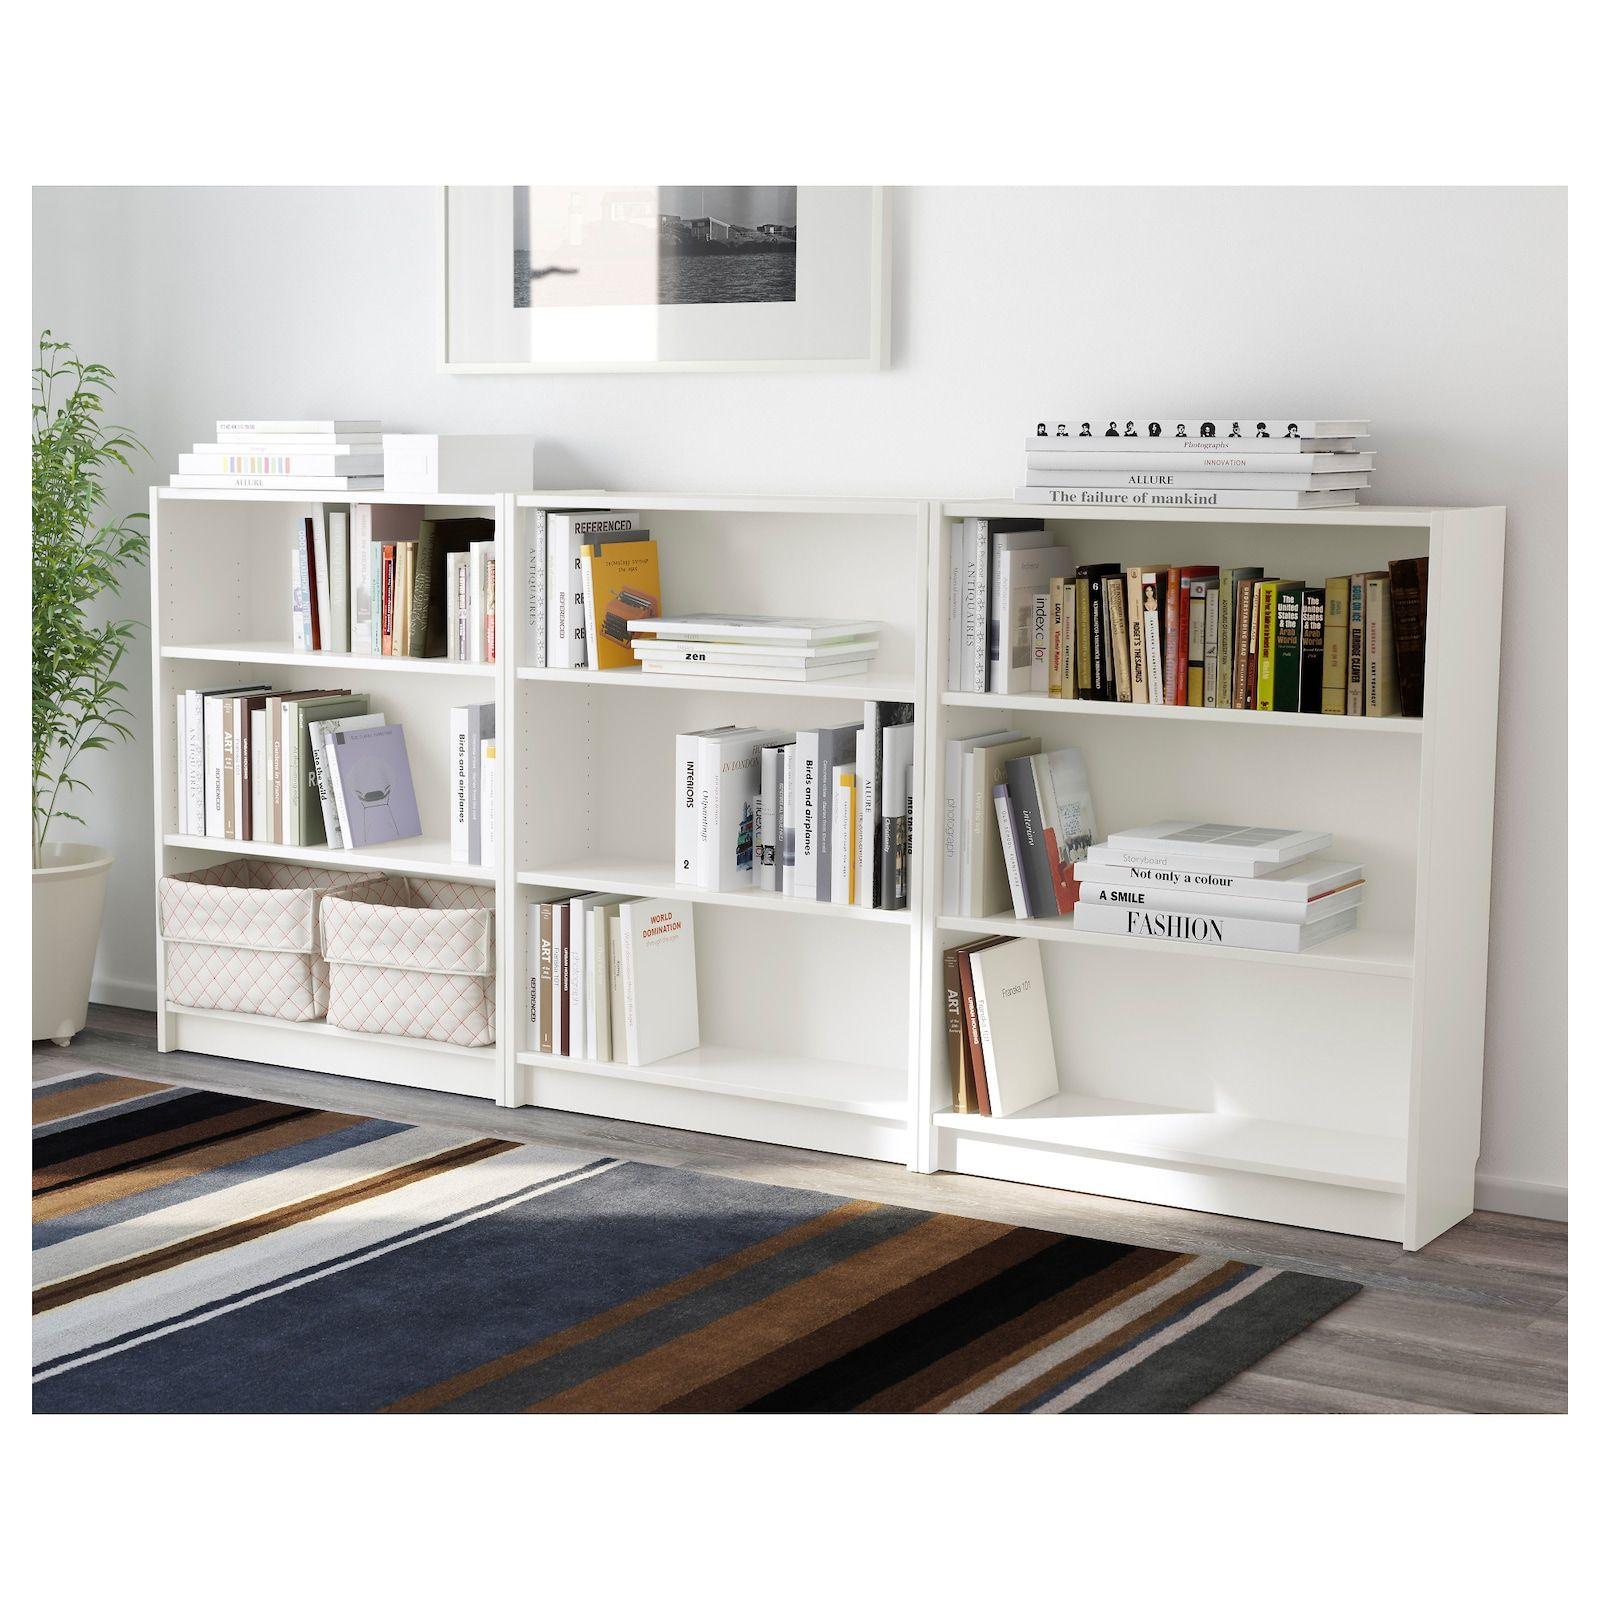 BILLY Bibliothèque, blanc, 240x28x106 cm   IKEA in 2020 ...